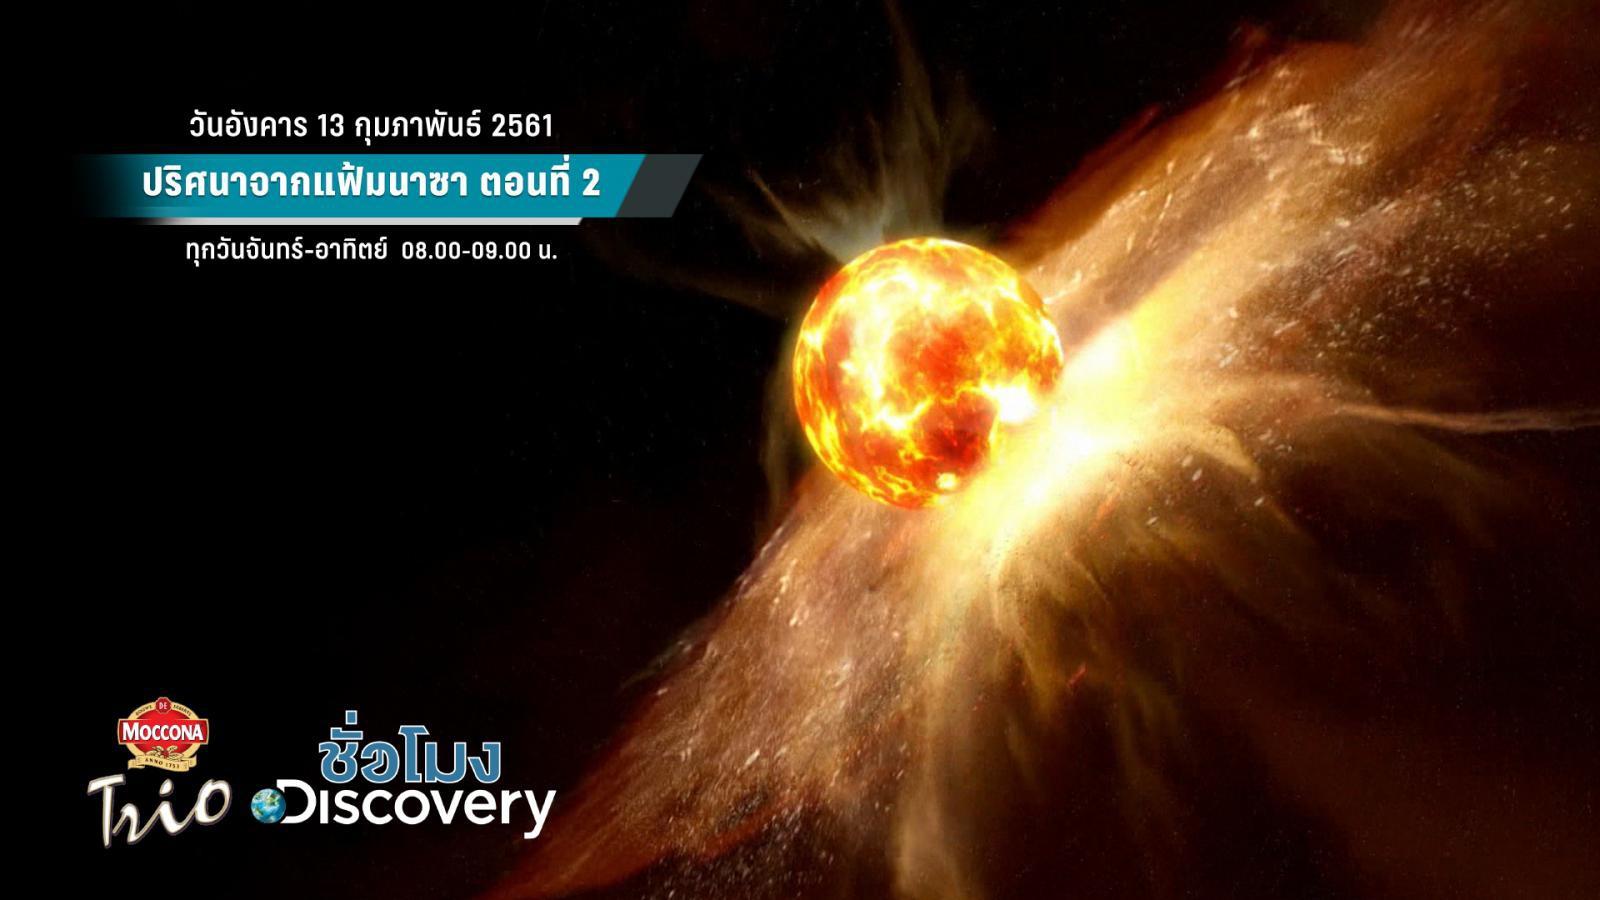 ชั่วโมง Discovery  ตอน ปริศนาจากแฟ้มนาซา2